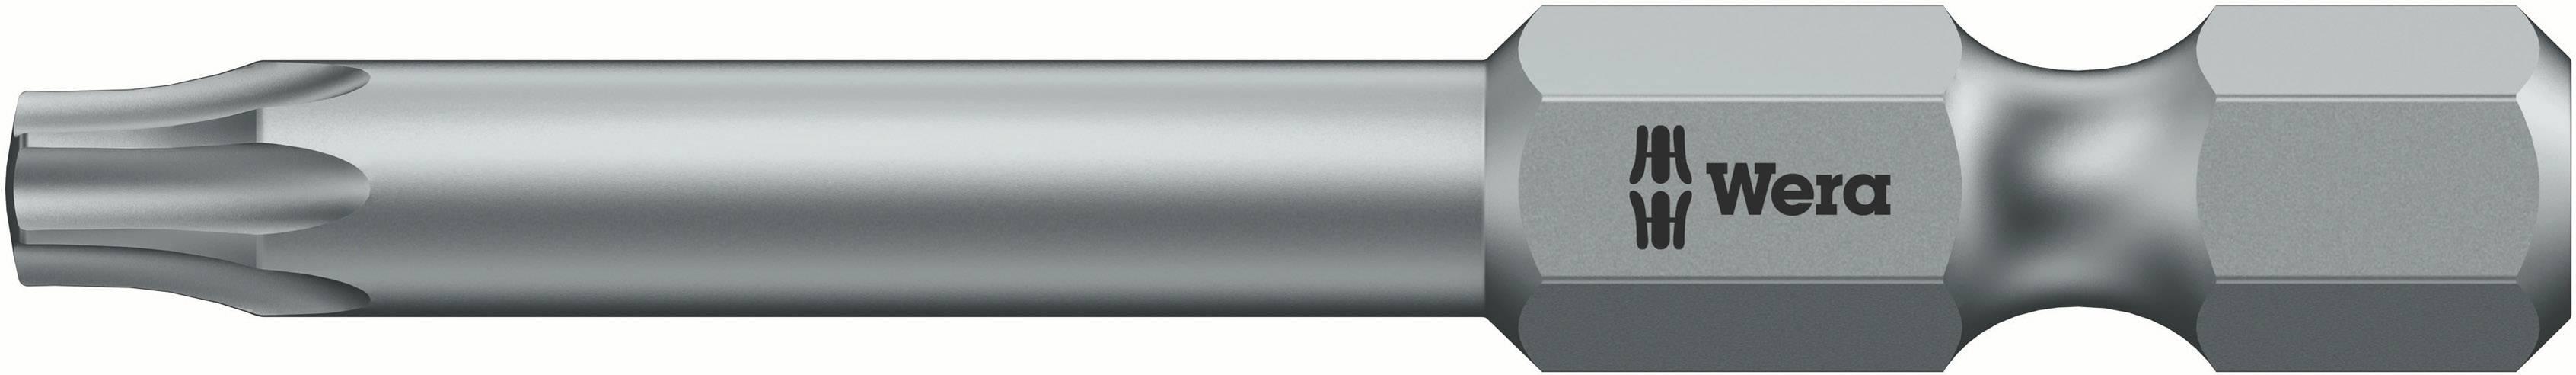 Bit Torx Wera 867 / 4 Z TORX 6 X 70 MM 05134740001, 70 mm, nástrojová oceľ, legované, 1 ks